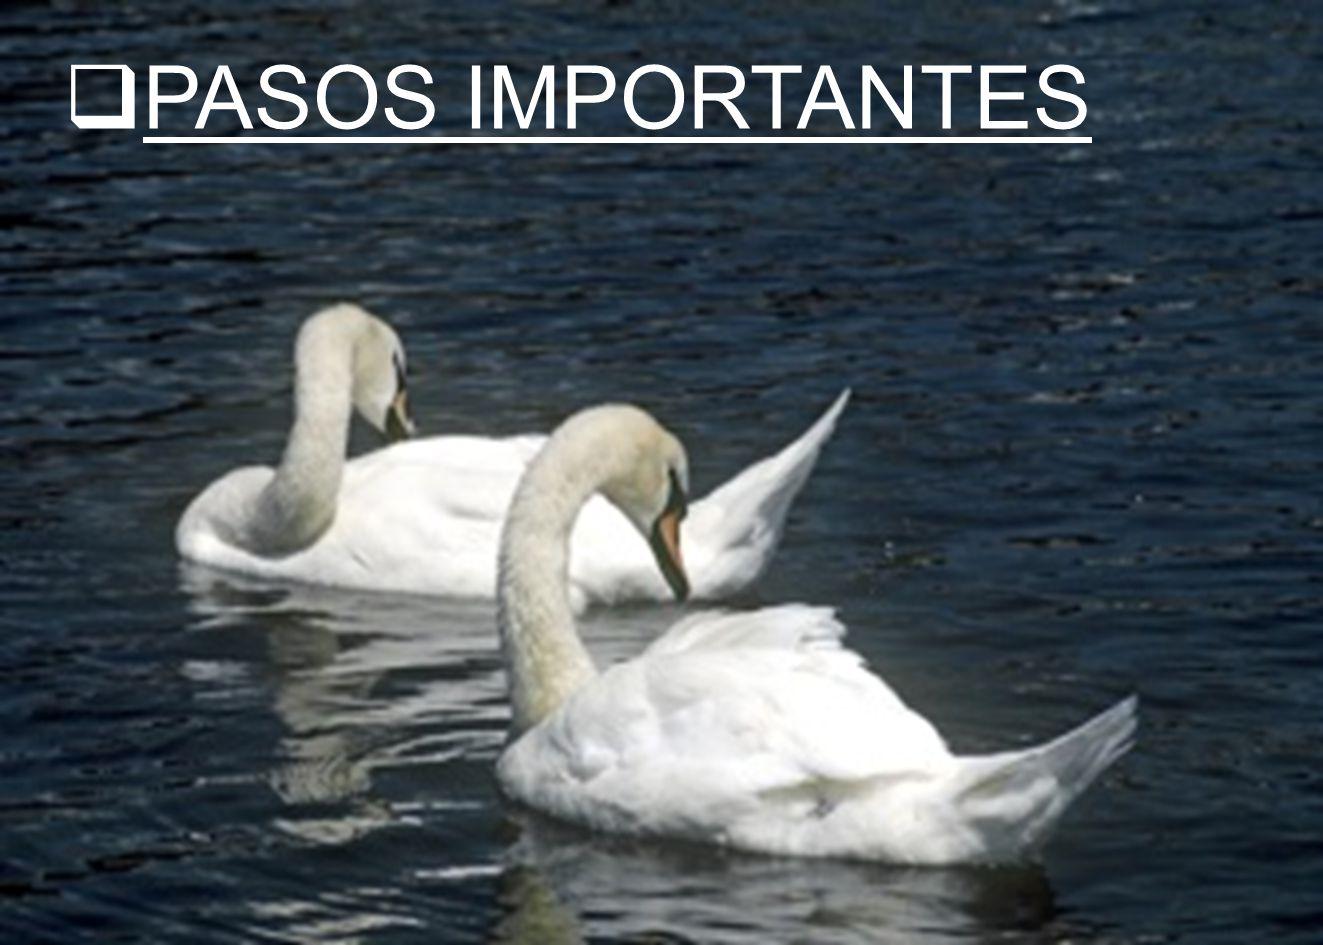 PASOS IMPORTANTES